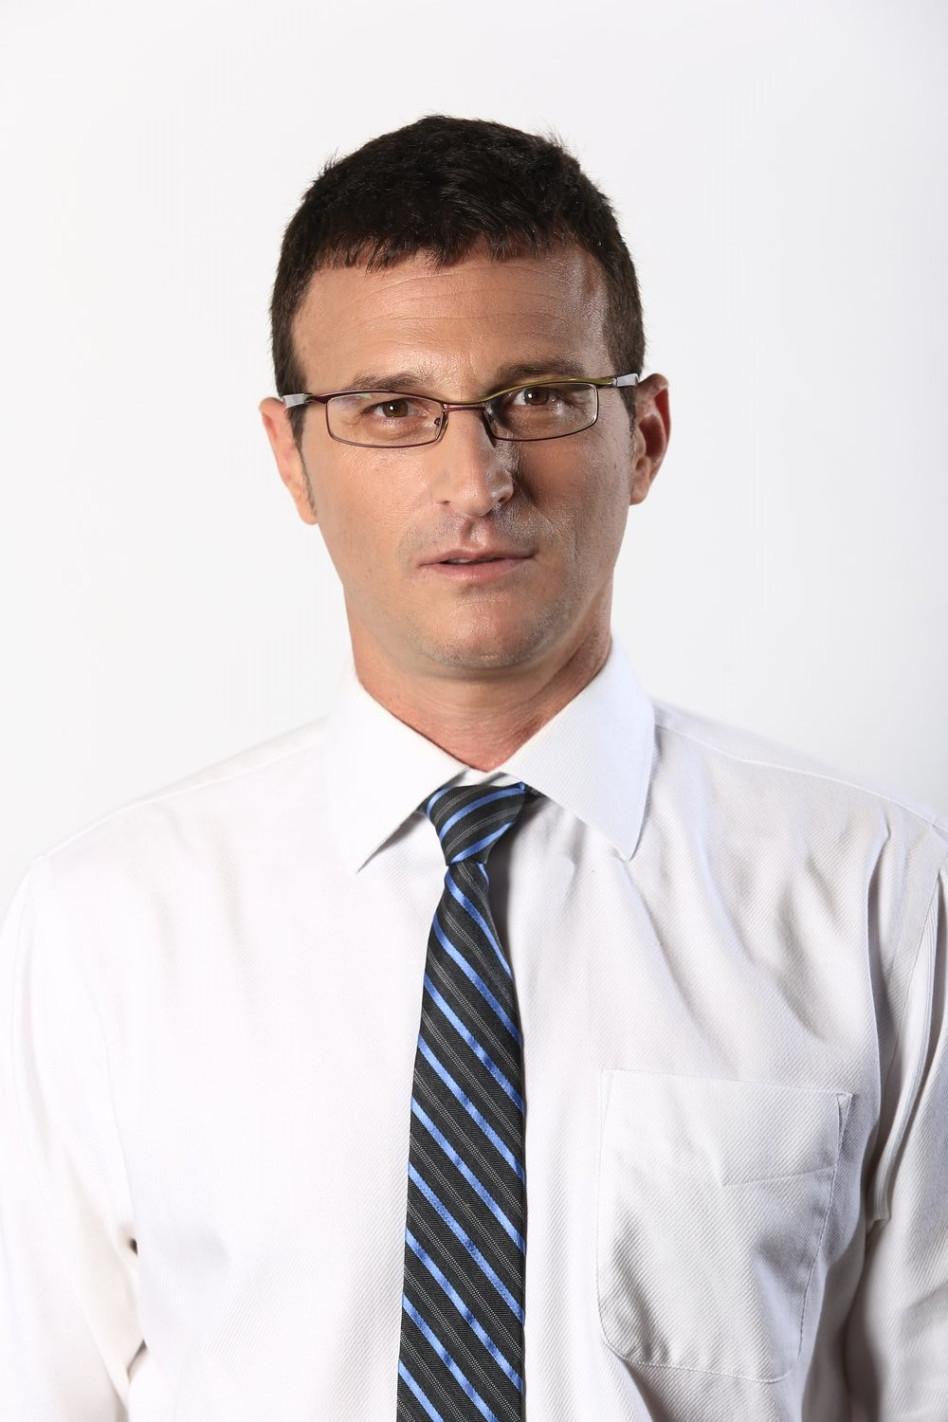 דוד גל (צילום: פביאן קולדורוף)